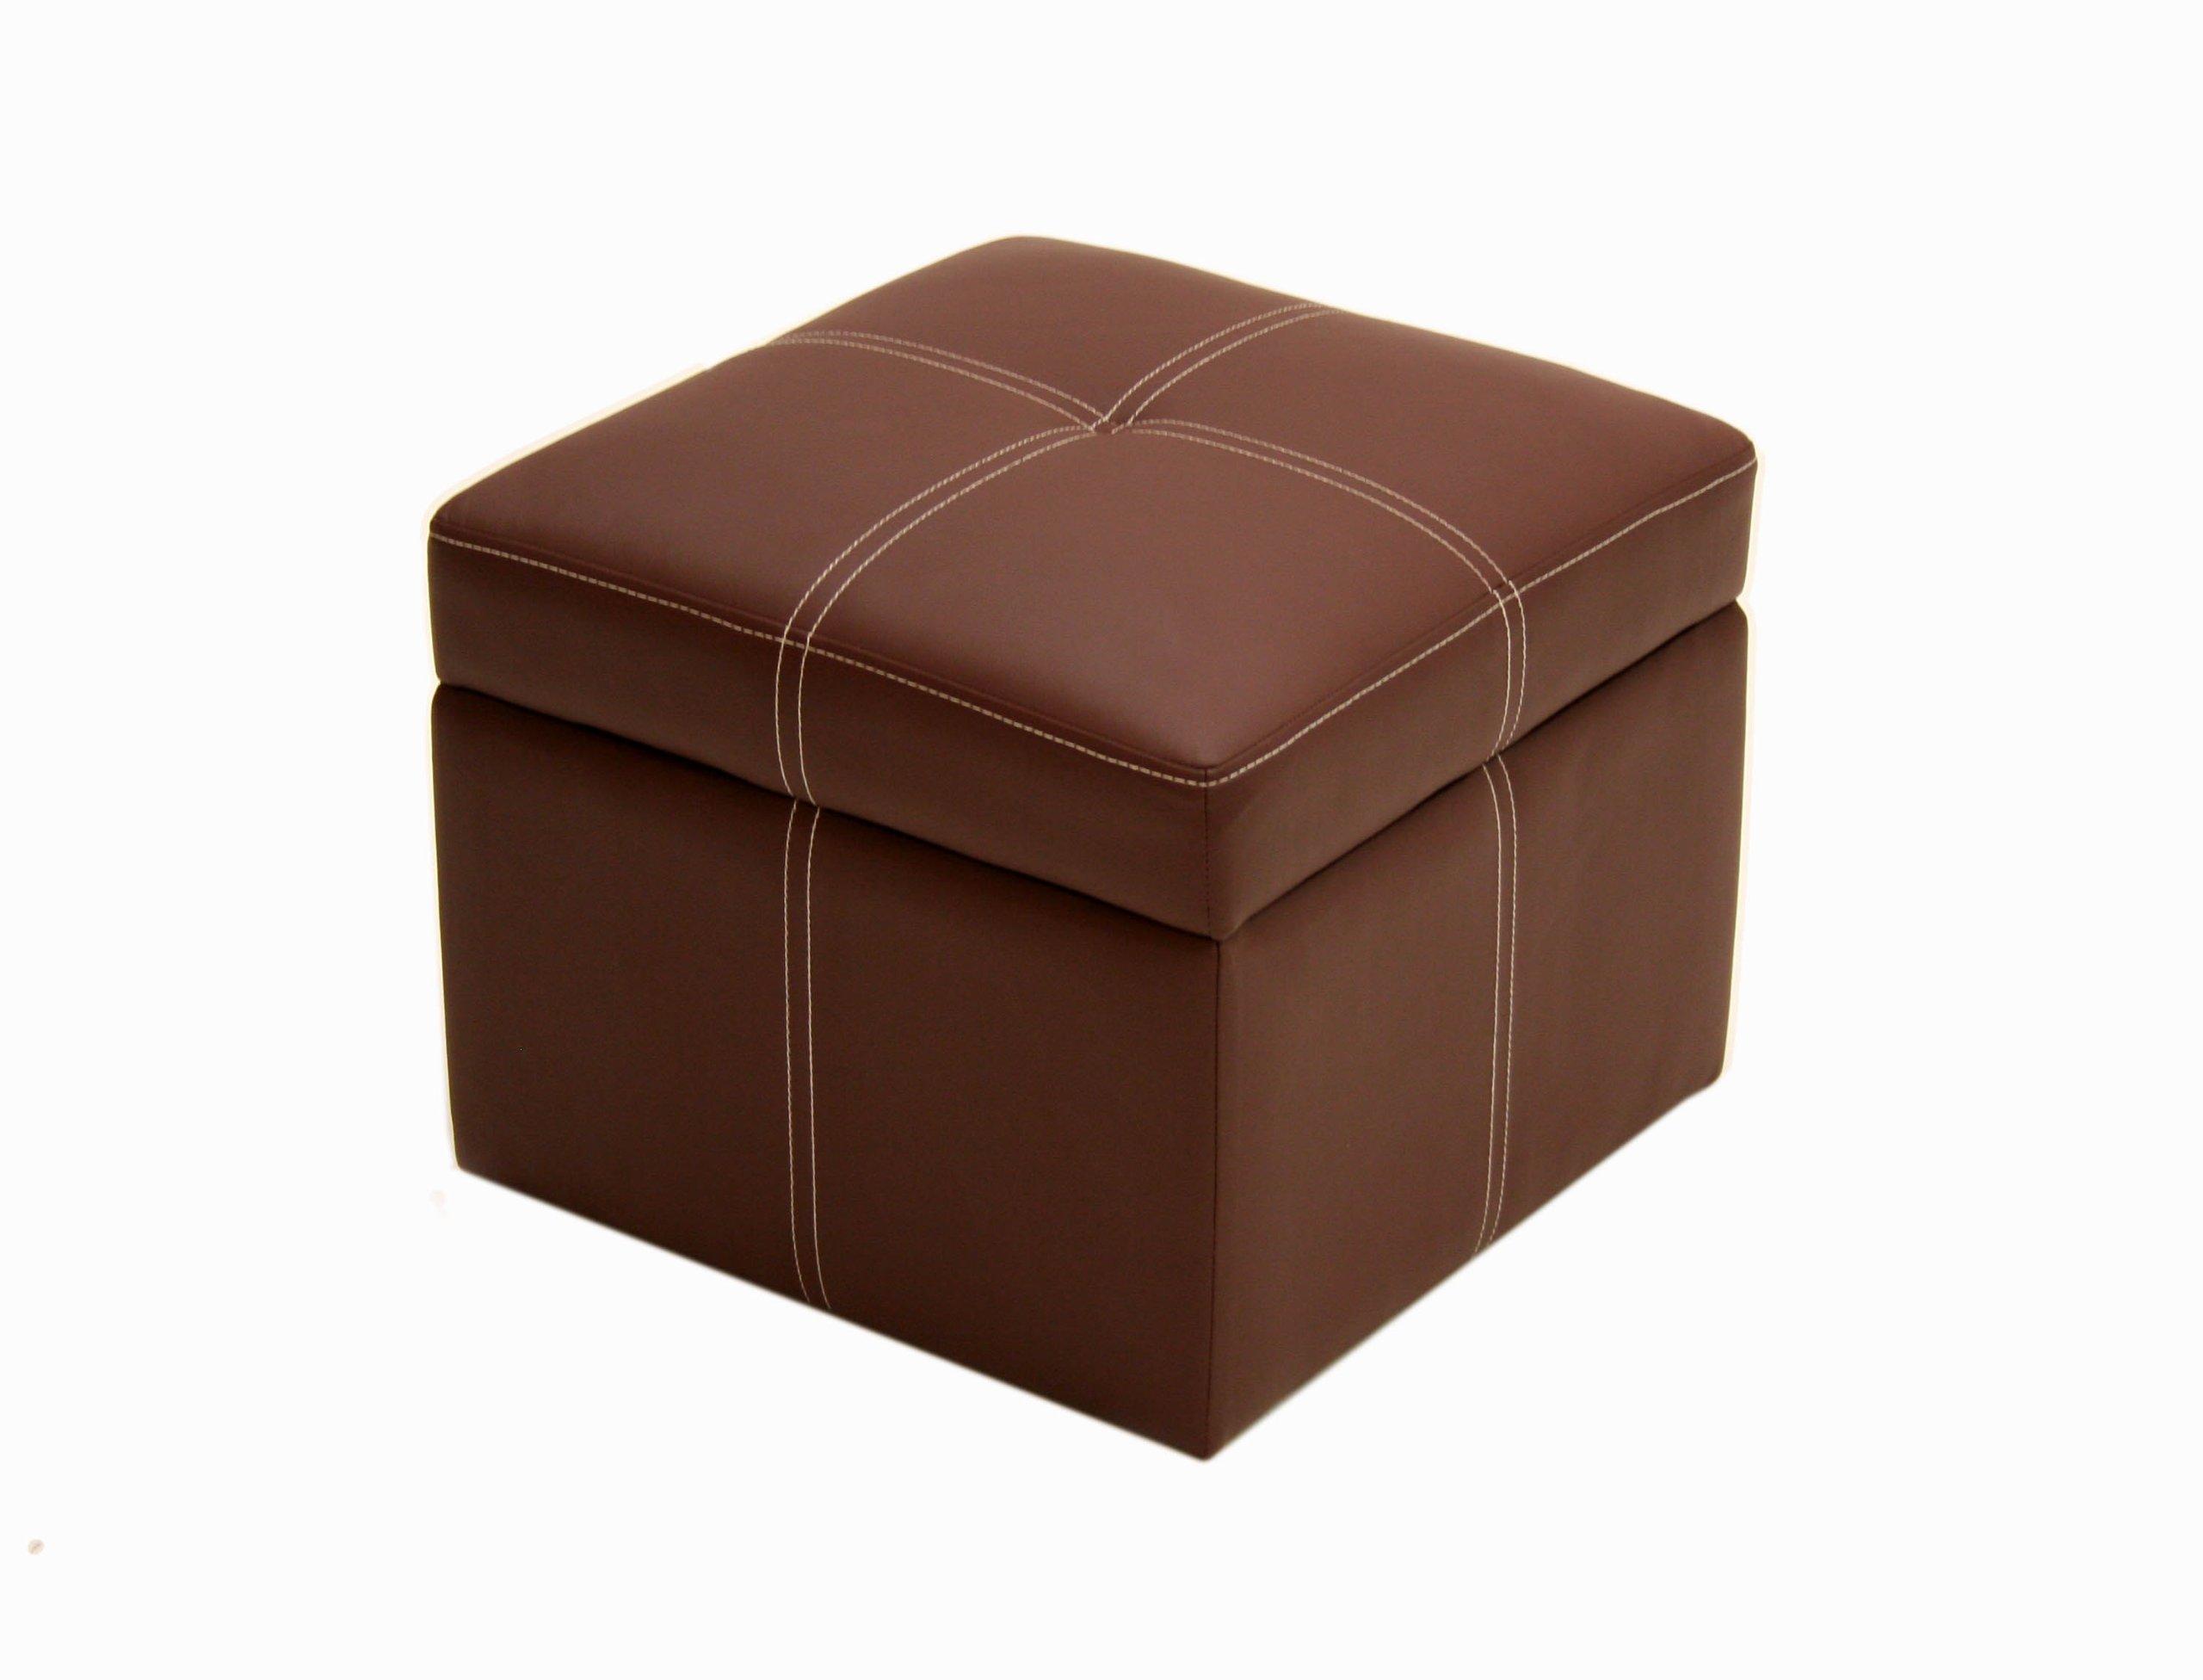 Delaney small square storage ottoman brown coffee brown ebay for Small ottoman storage